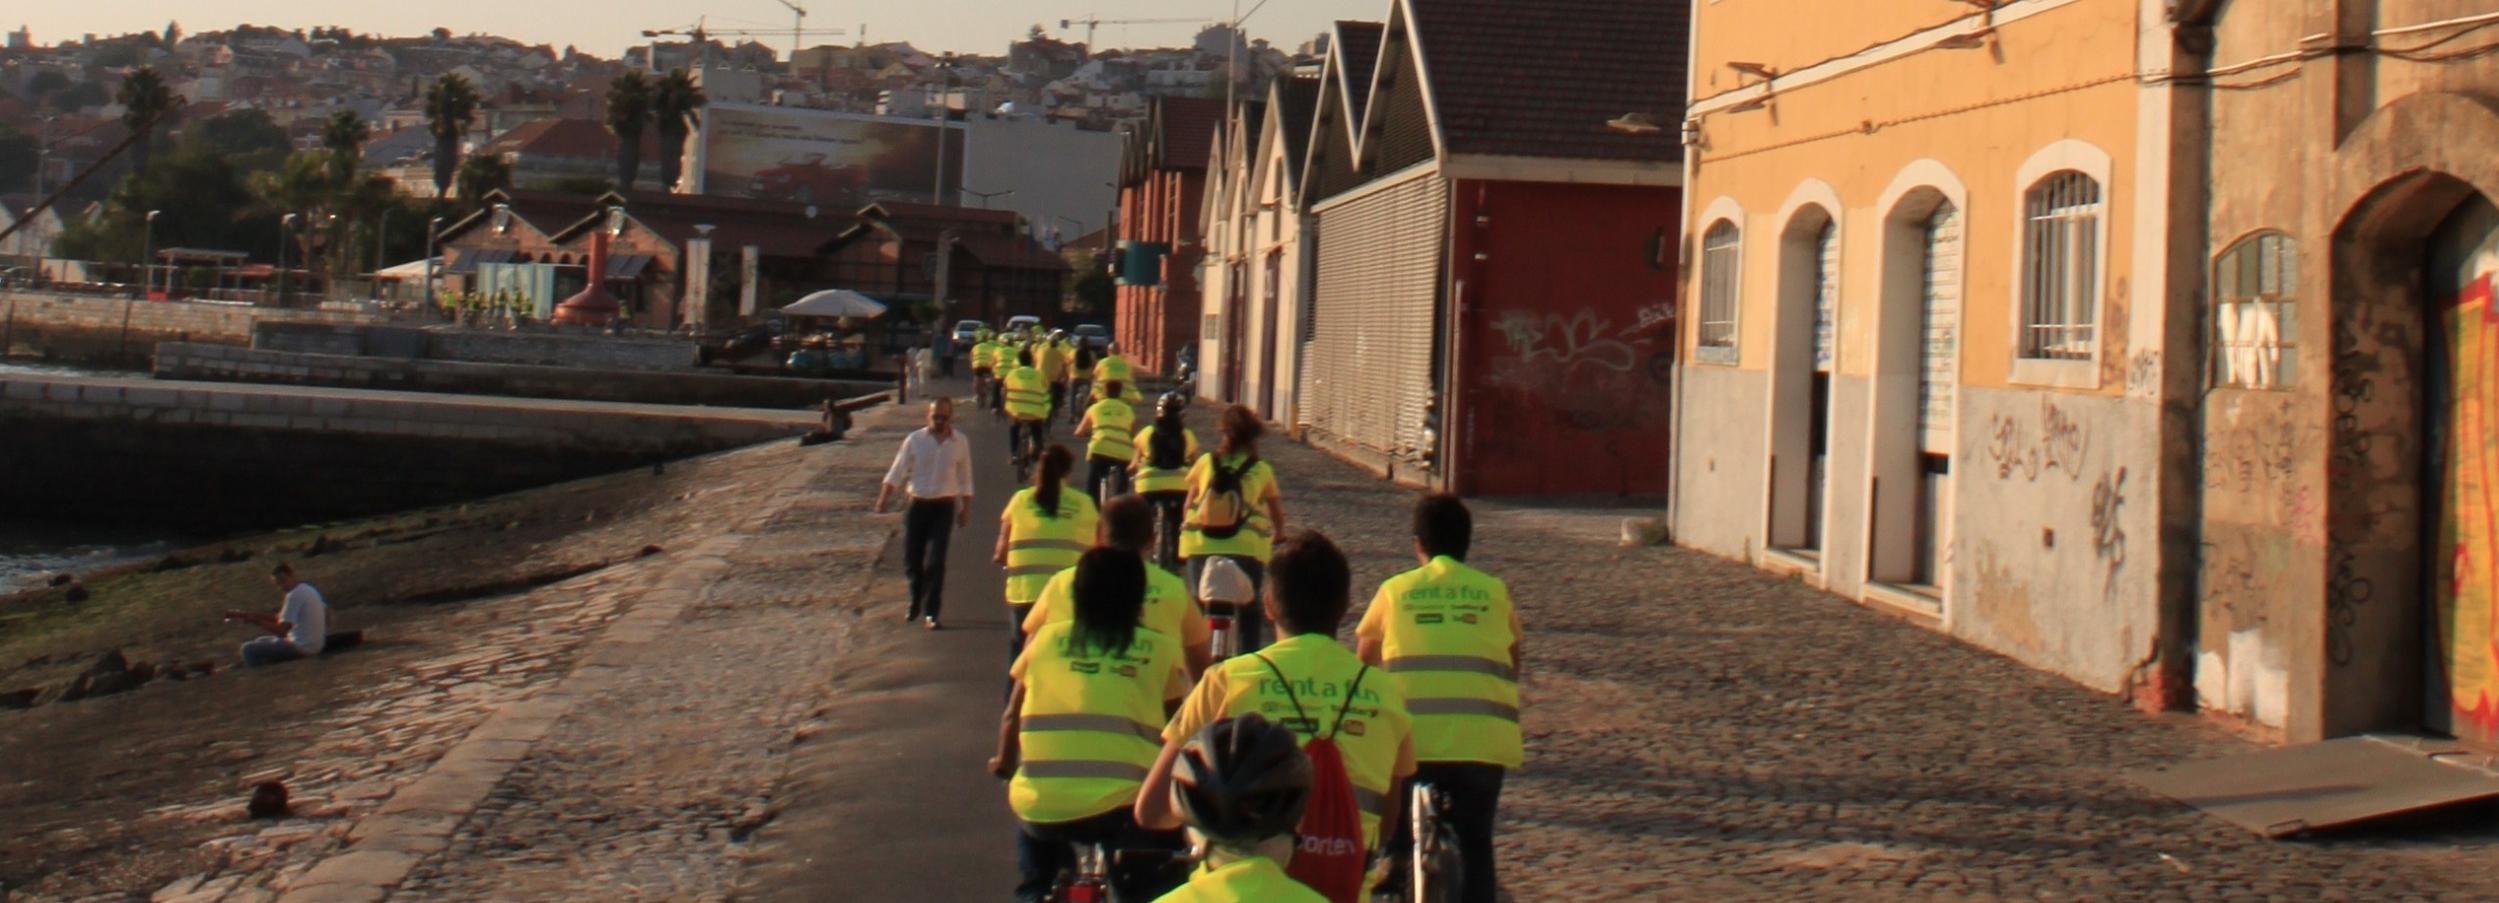 Lisboa: Excursão de Bicicleta Elétrica de 3 Horas Go Tejo